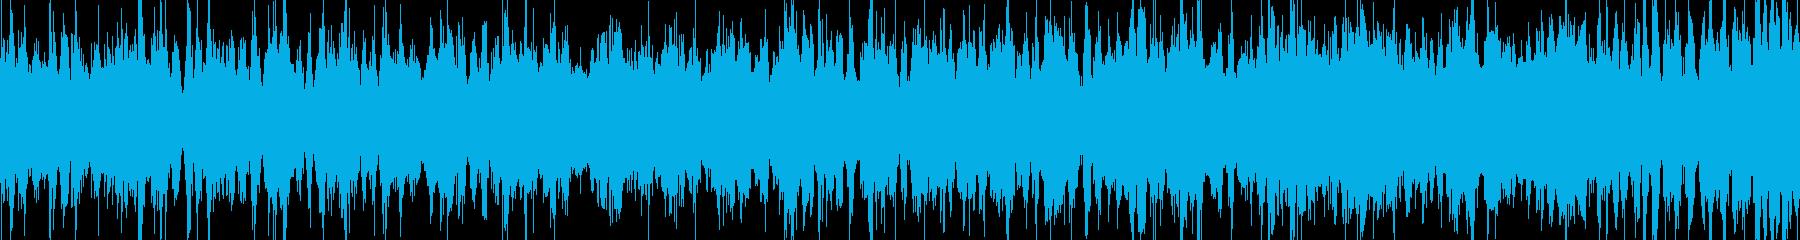 蒸気音の再生済みの波形